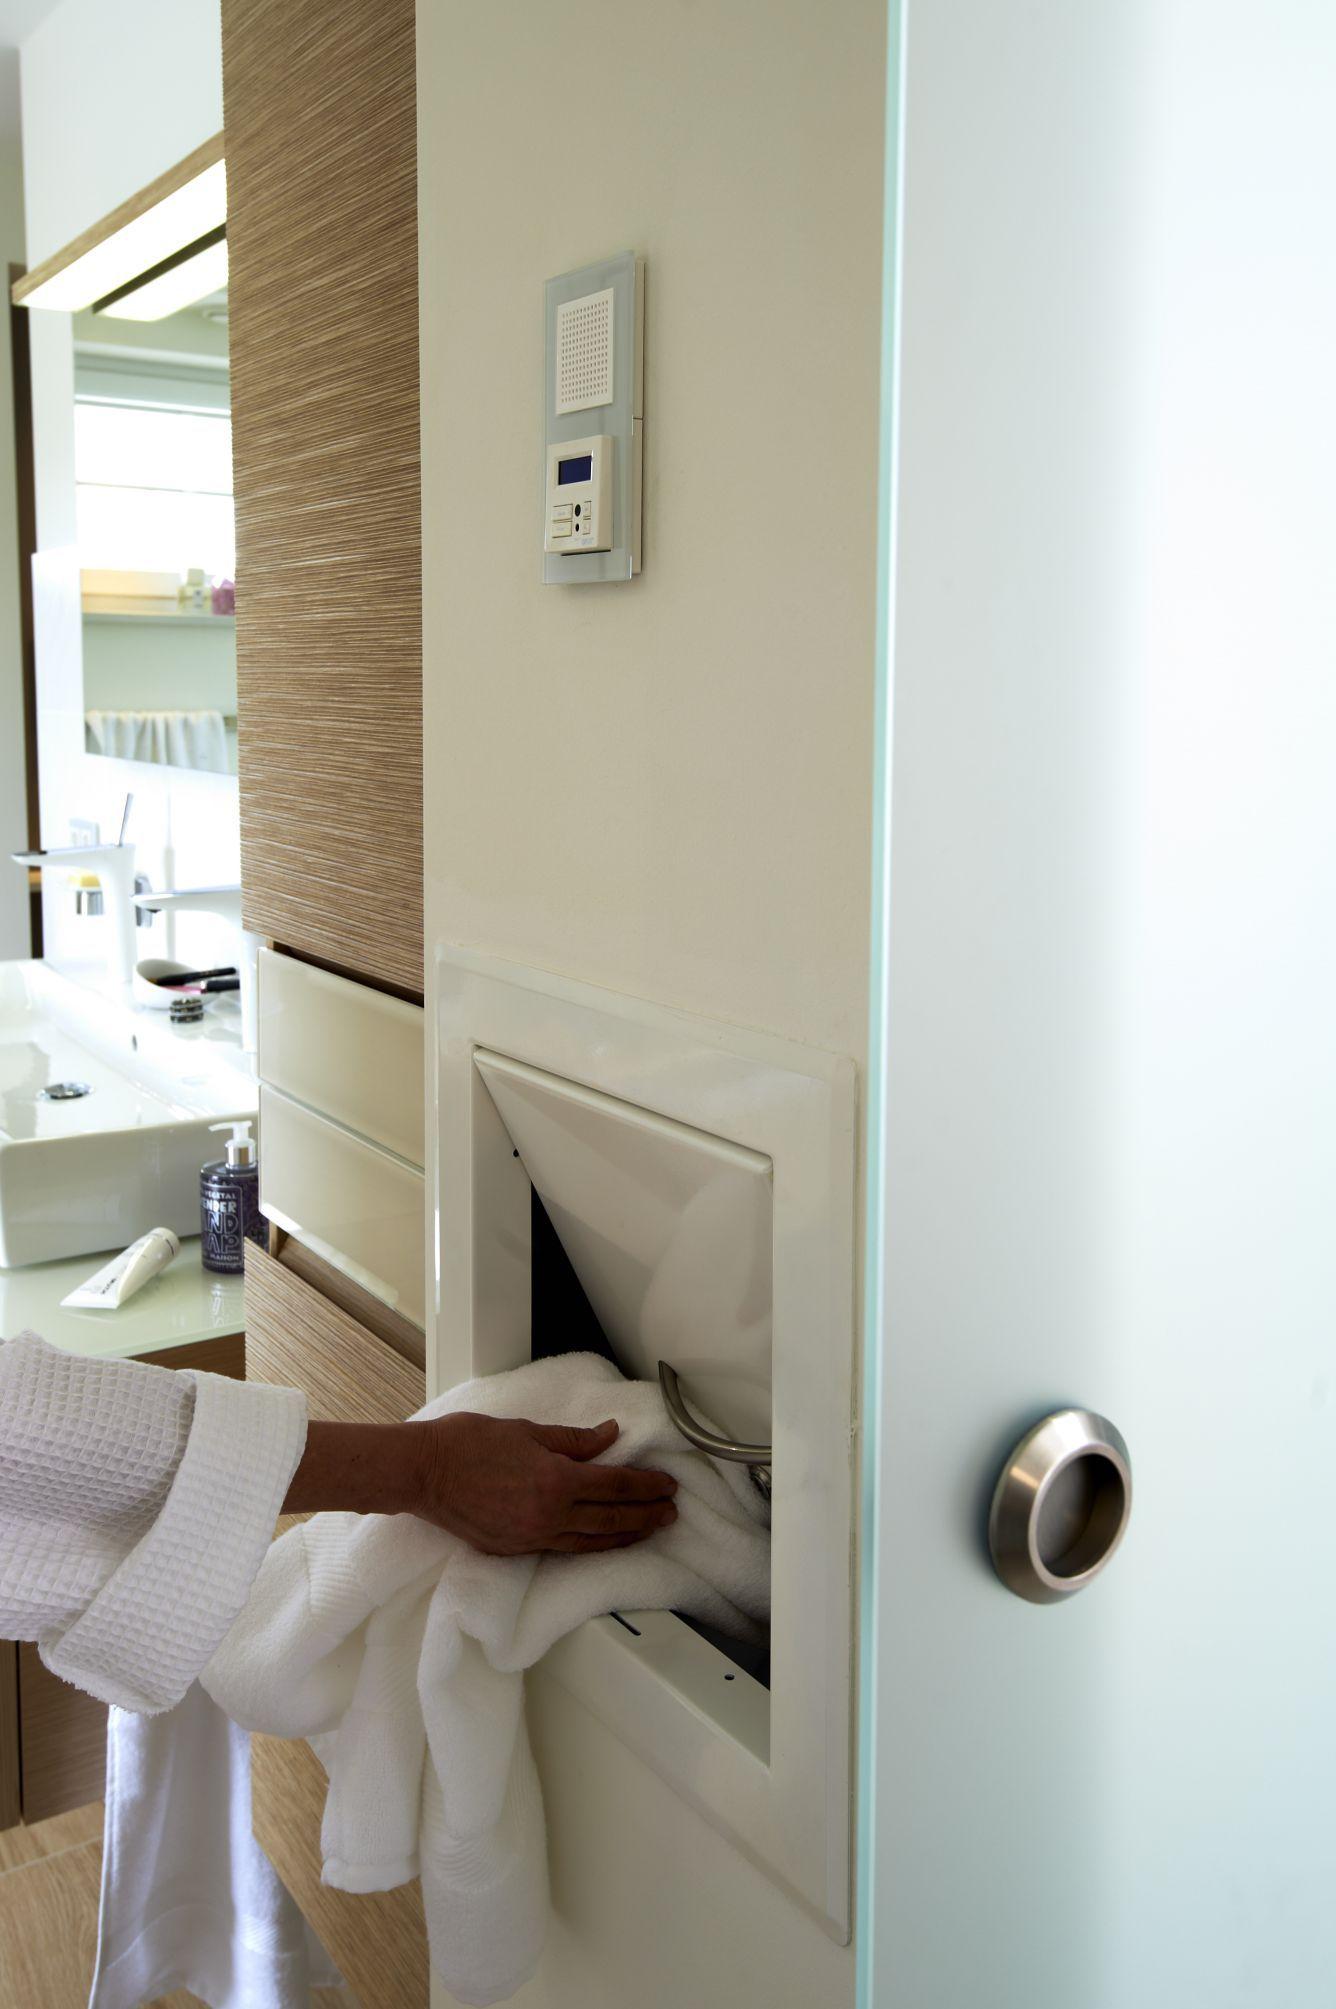 Ensuite badezimmerdesign viebrockhaus edition  wohnideehaus  das familienhaus